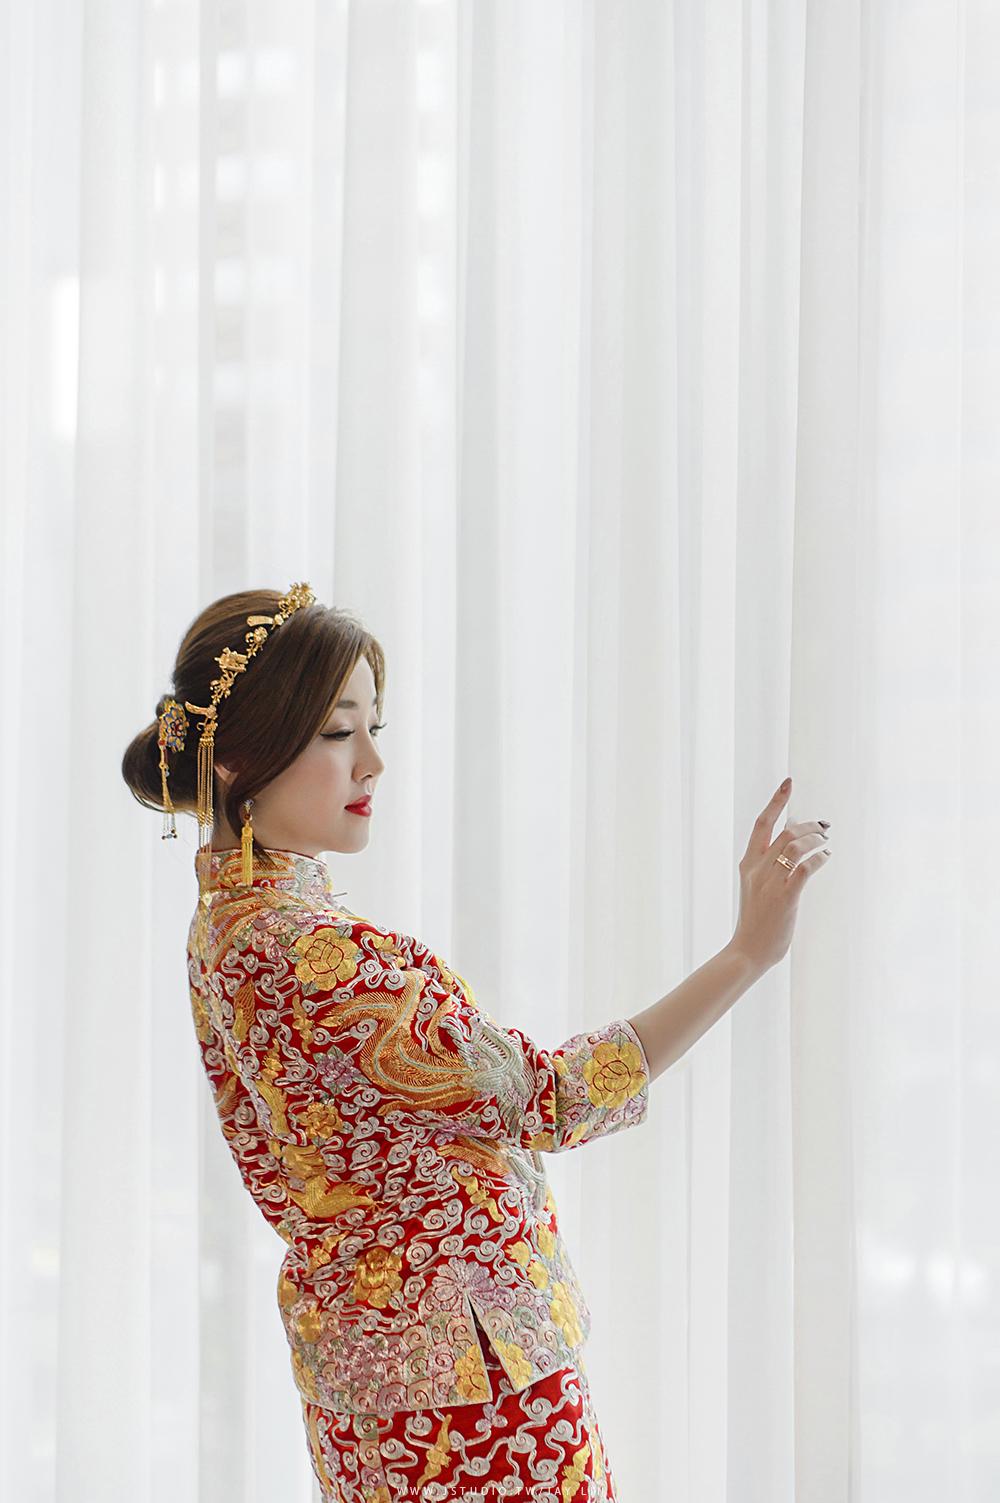 婚攝 台北婚攝 婚禮紀錄 推薦婚攝 美福大飯店JSTUDIO_0007